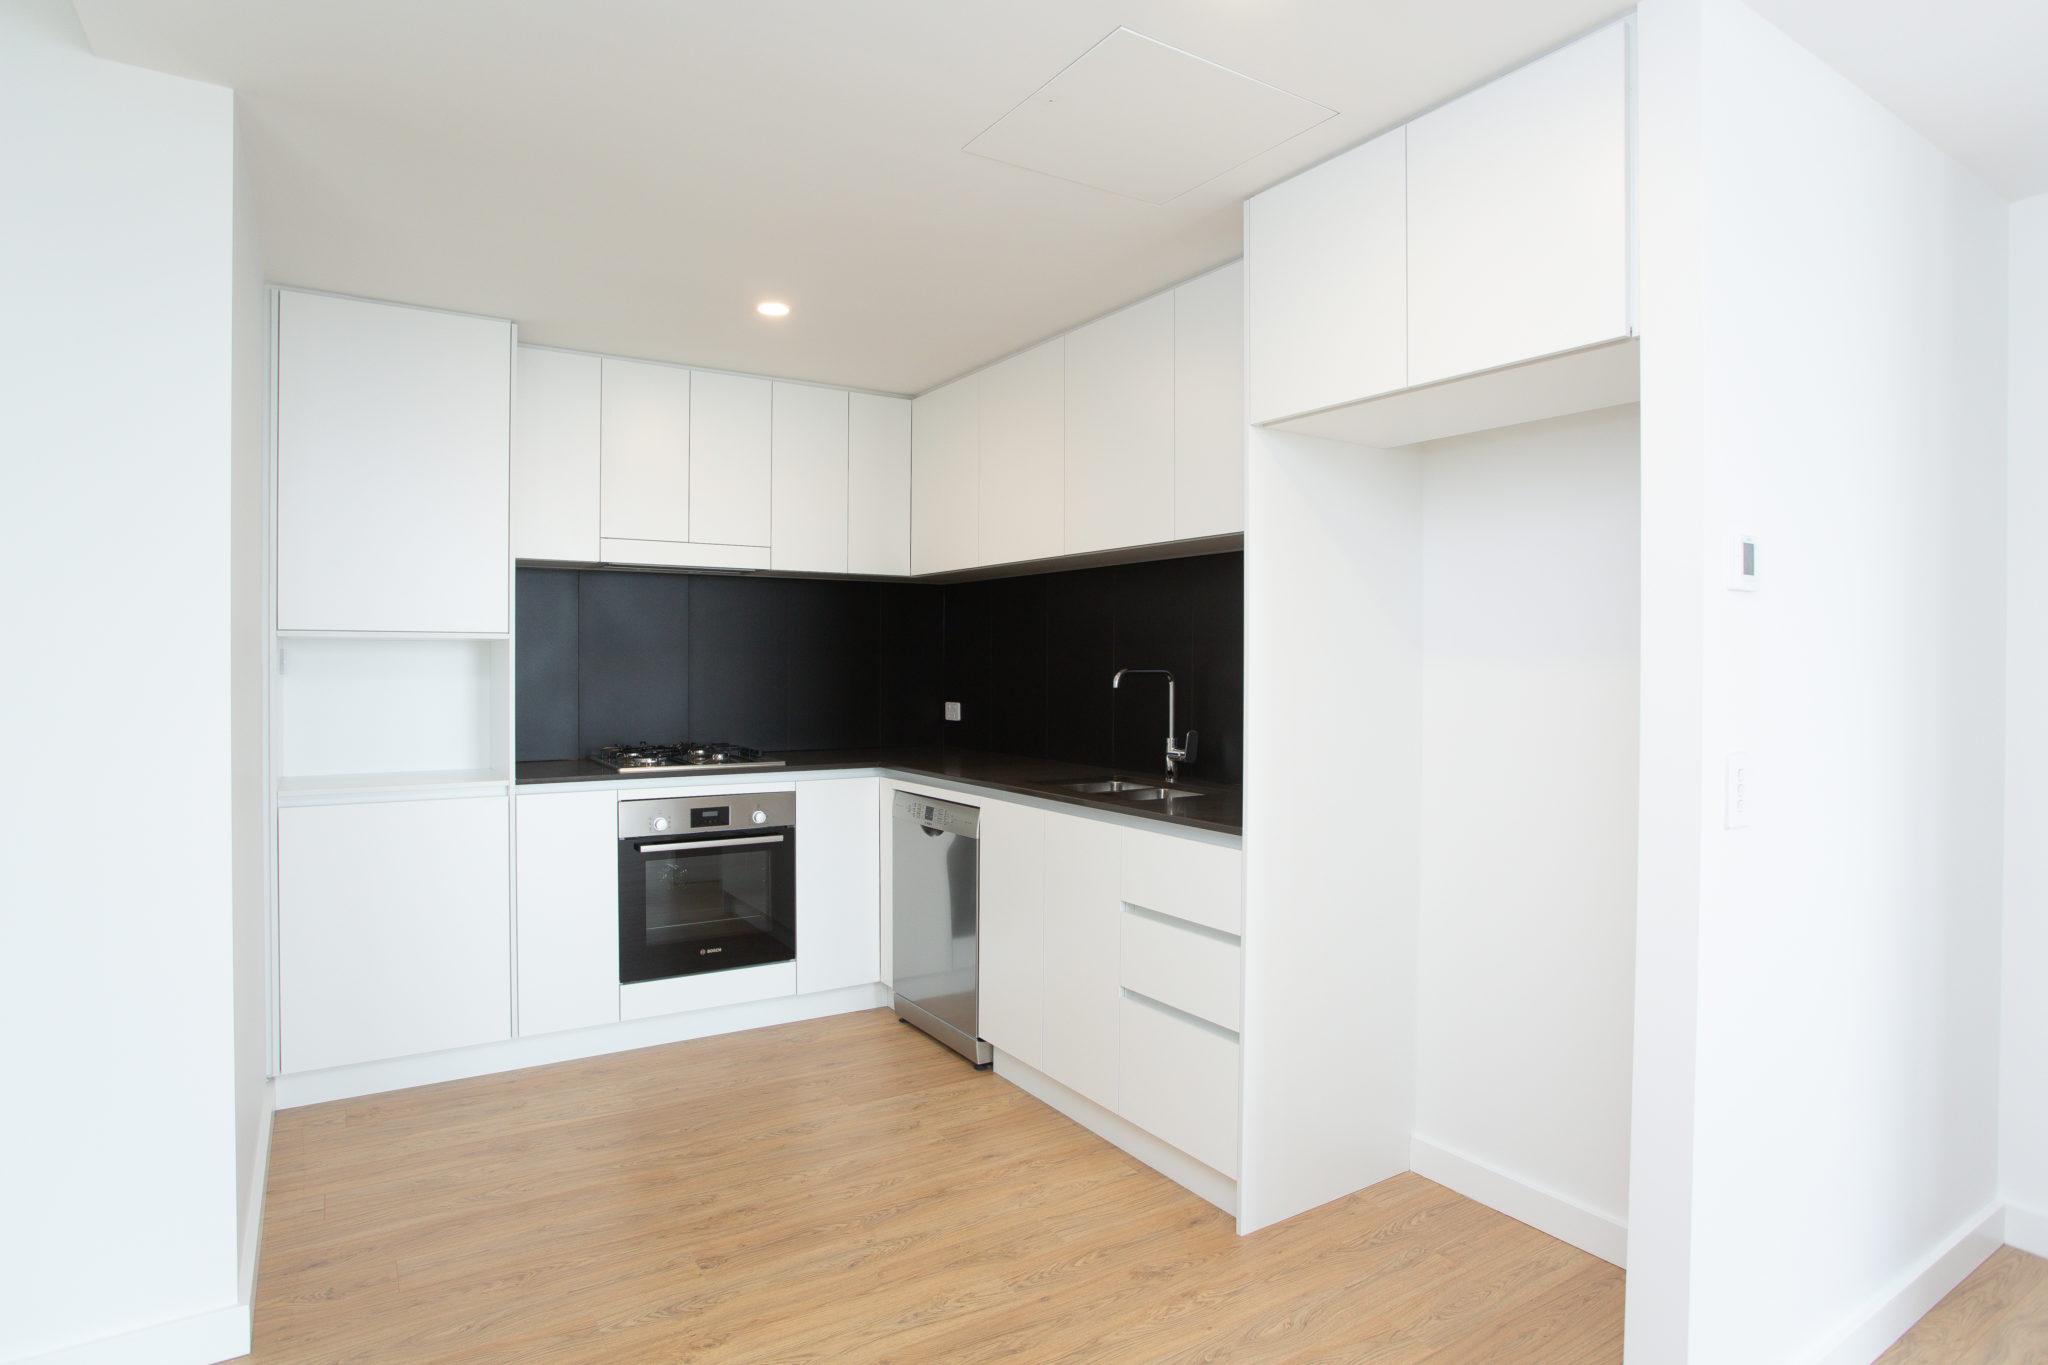 Apartment 11006 - 68sqm